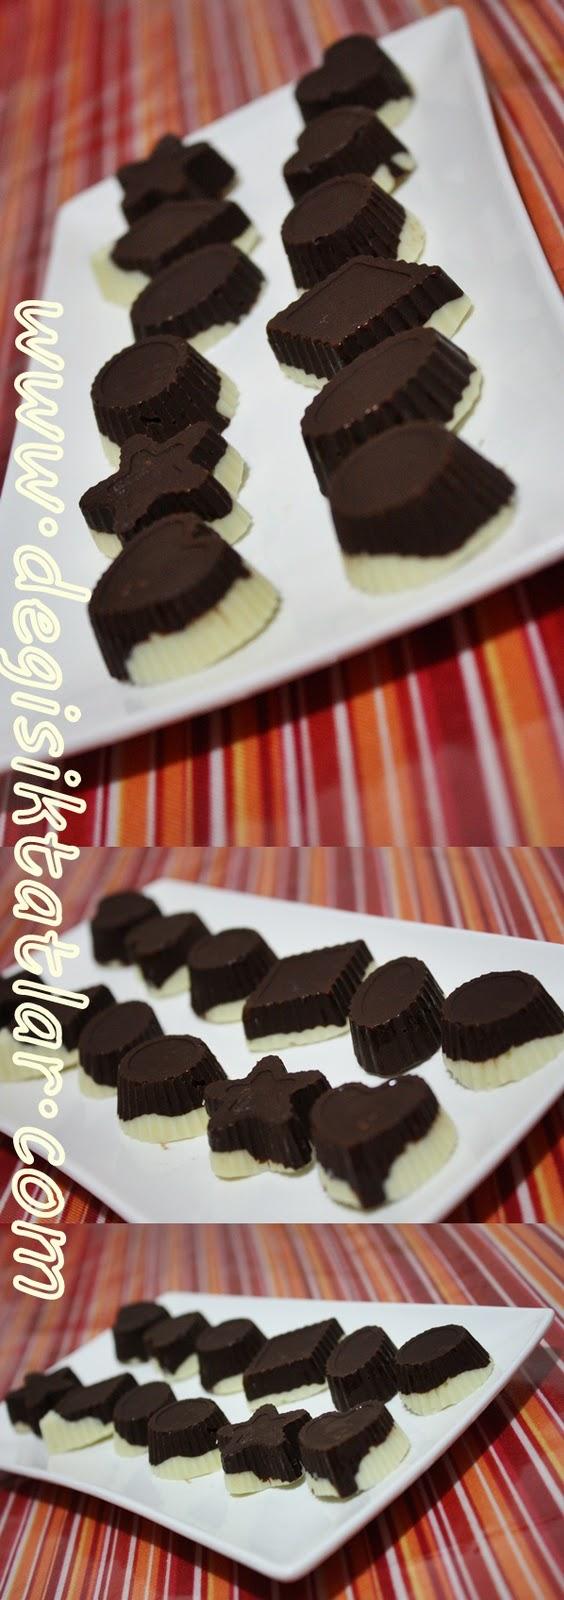 Cevizli Sütlü ve Bitter Çikolata ( CKLT Çikolata Yapımı )